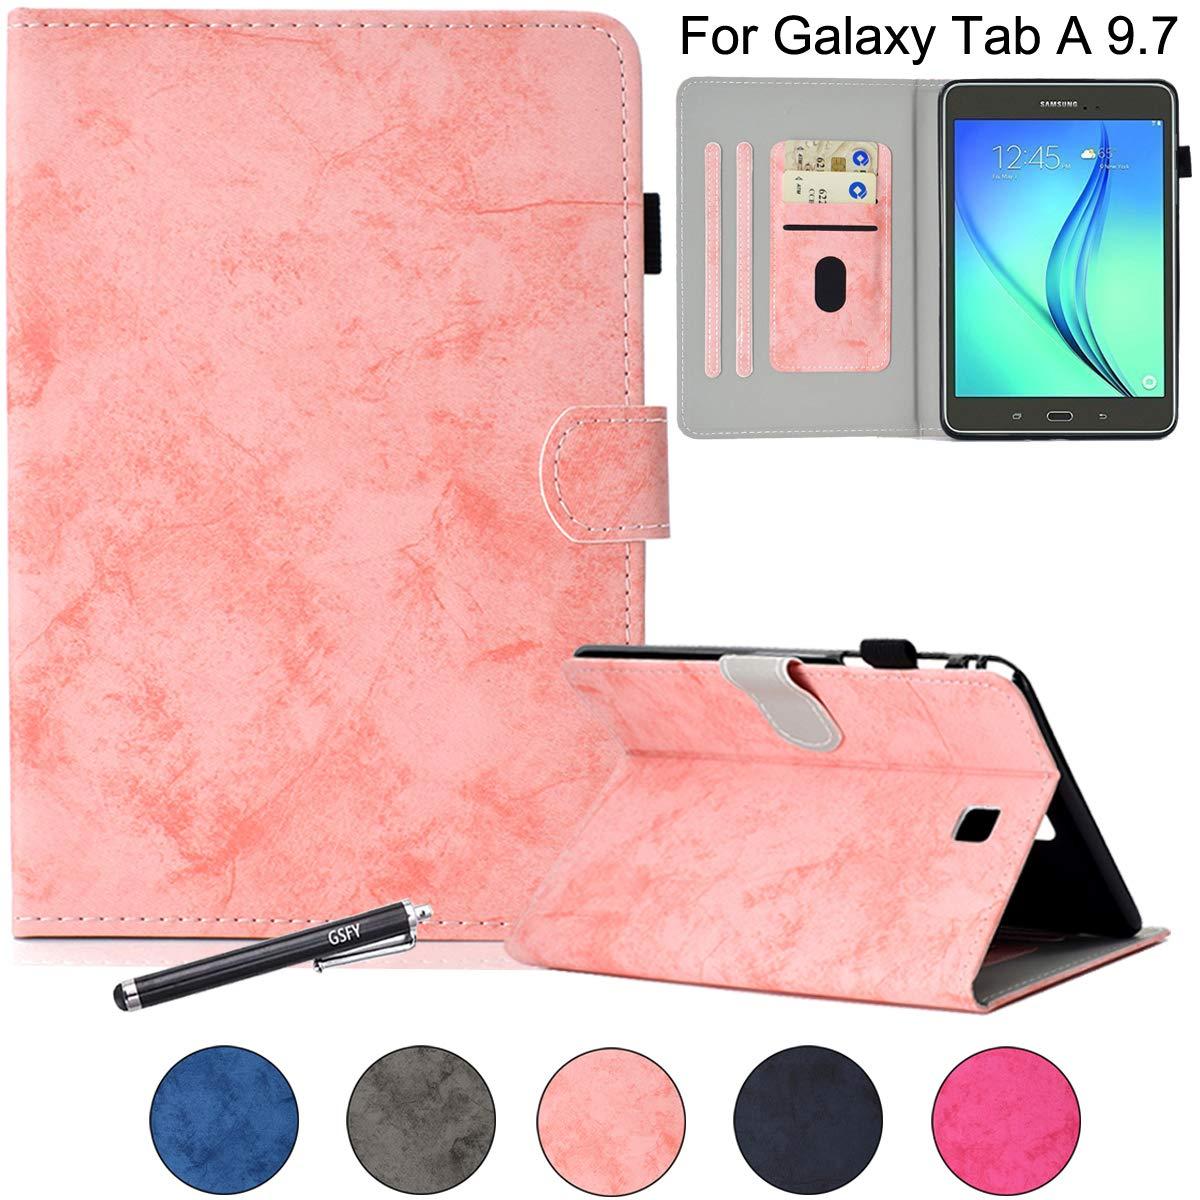 超ポイントアップ祭 Galaxy Tab Tab A B07KWQG5PH 9.7ケース、Newshine フリップスマートシェル [キックスタンド] ケースカバー マグネット開閉 マグネット開閉 [自動ウェイク/スリープ機能] [カードソケット] Samsung Galaxy Tab A 9.7インチタブレットSM-T550用 DC-Pink B07KWQG5PH, パンプスとブーツ専門店 NOTGiulia:5d49c3a6 --- a0267596.xsph.ru